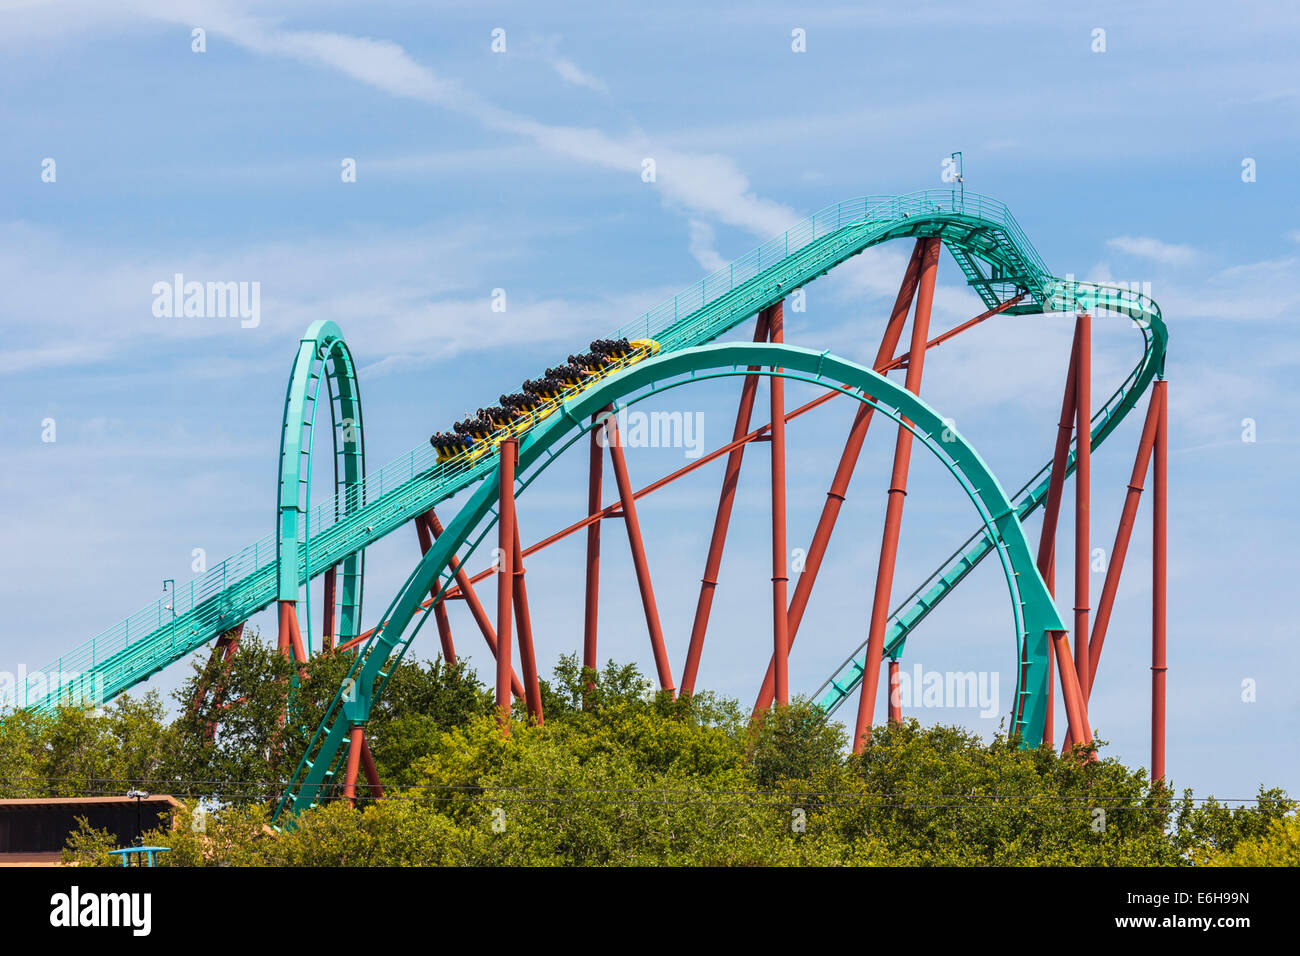 Busch gardens theme park stock photos busch gardens theme park stock images alamy for New roller coaster busch gardens